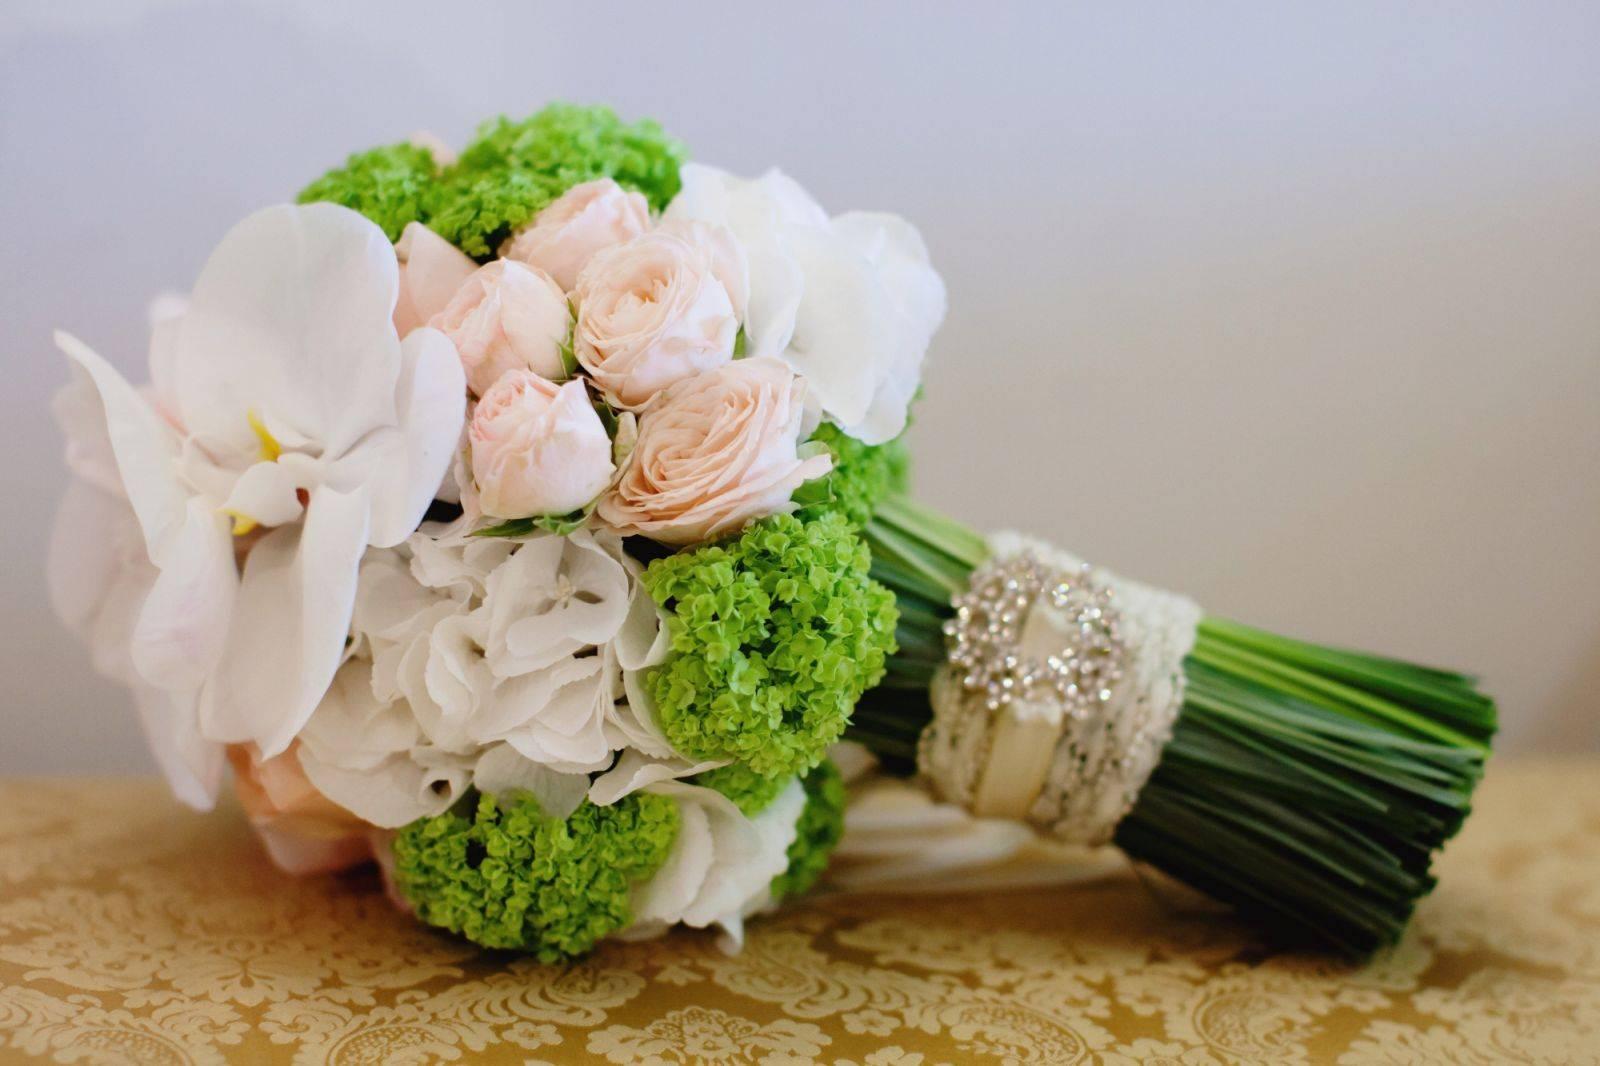 Цветы для летней свадьбы – идеи оформления